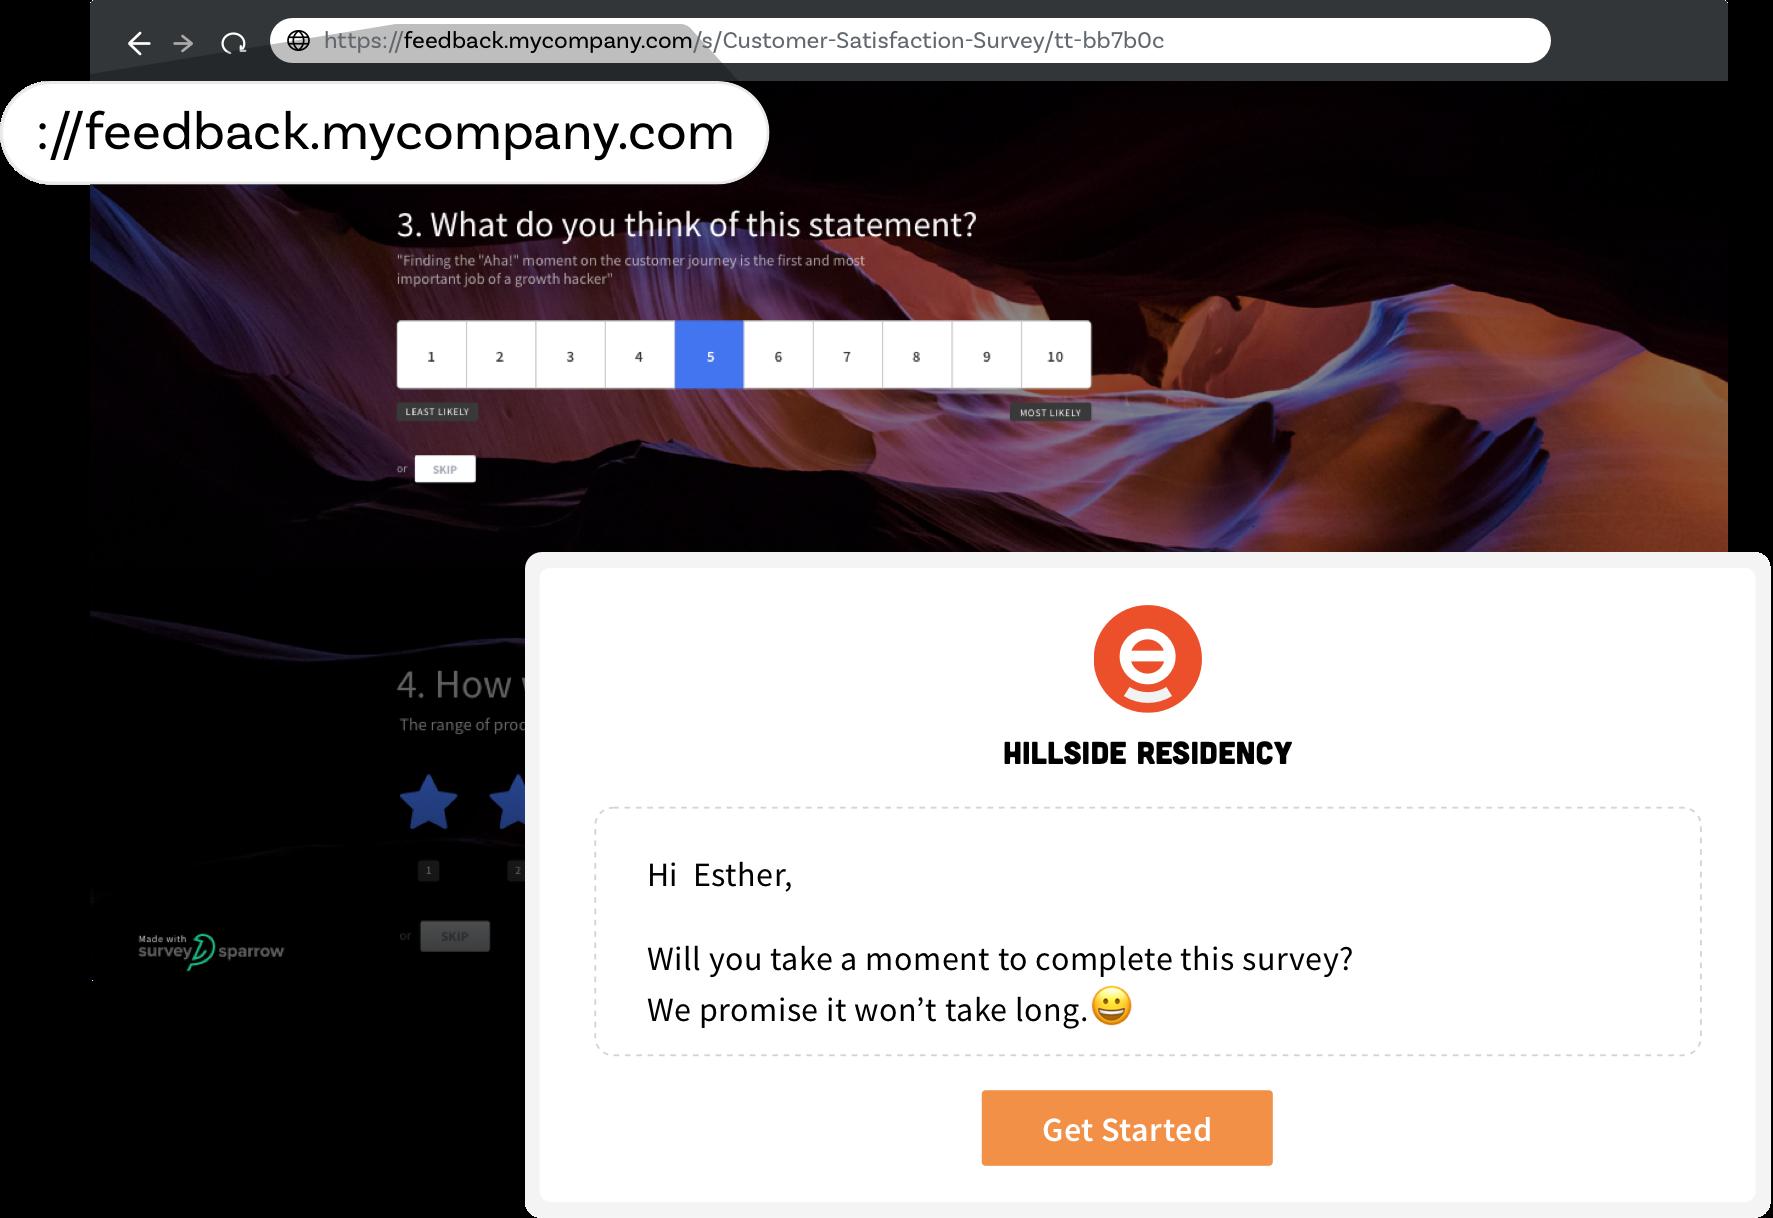 SurveySparrow offers white-label feature to brand your surveys.